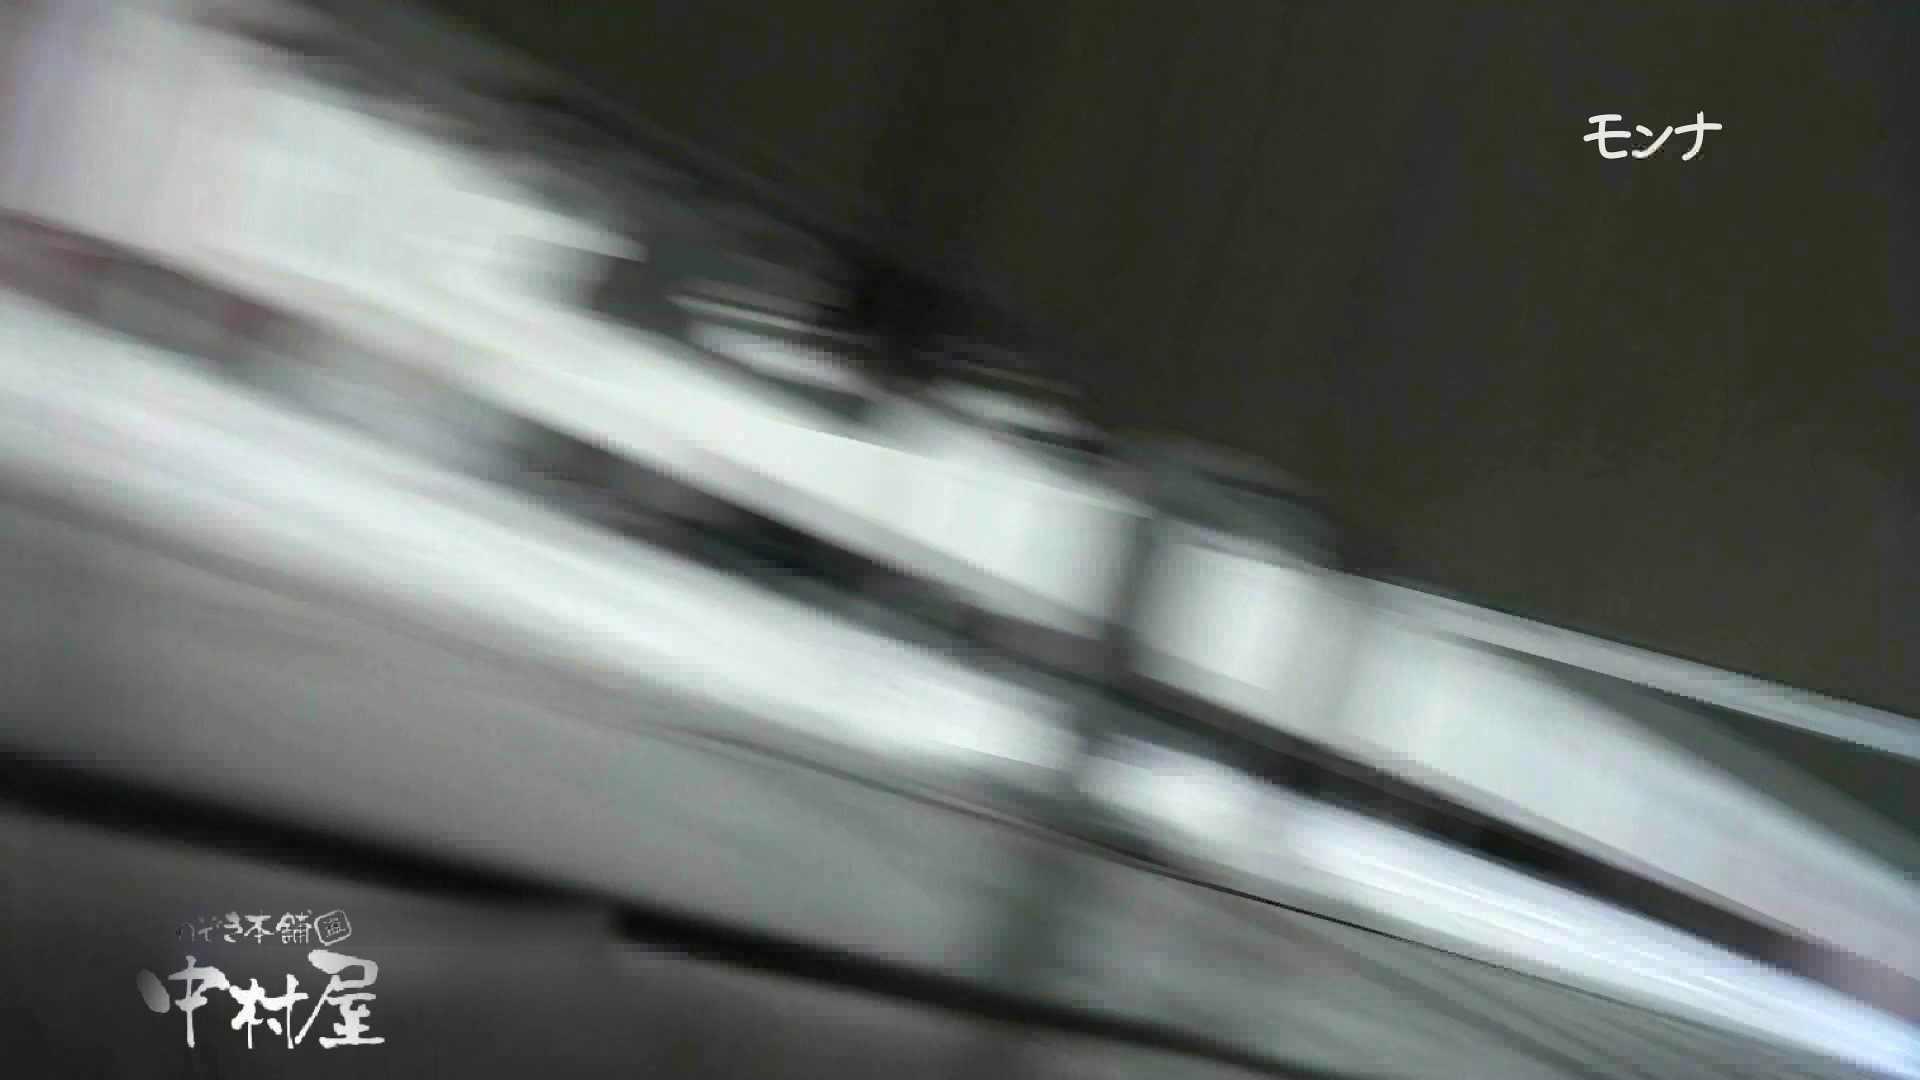 【美しい日本の未来】遂に!!戸田恵梨香似の予告モデル登場ダッシュで「大」後編 Hなモデル  105pic 90